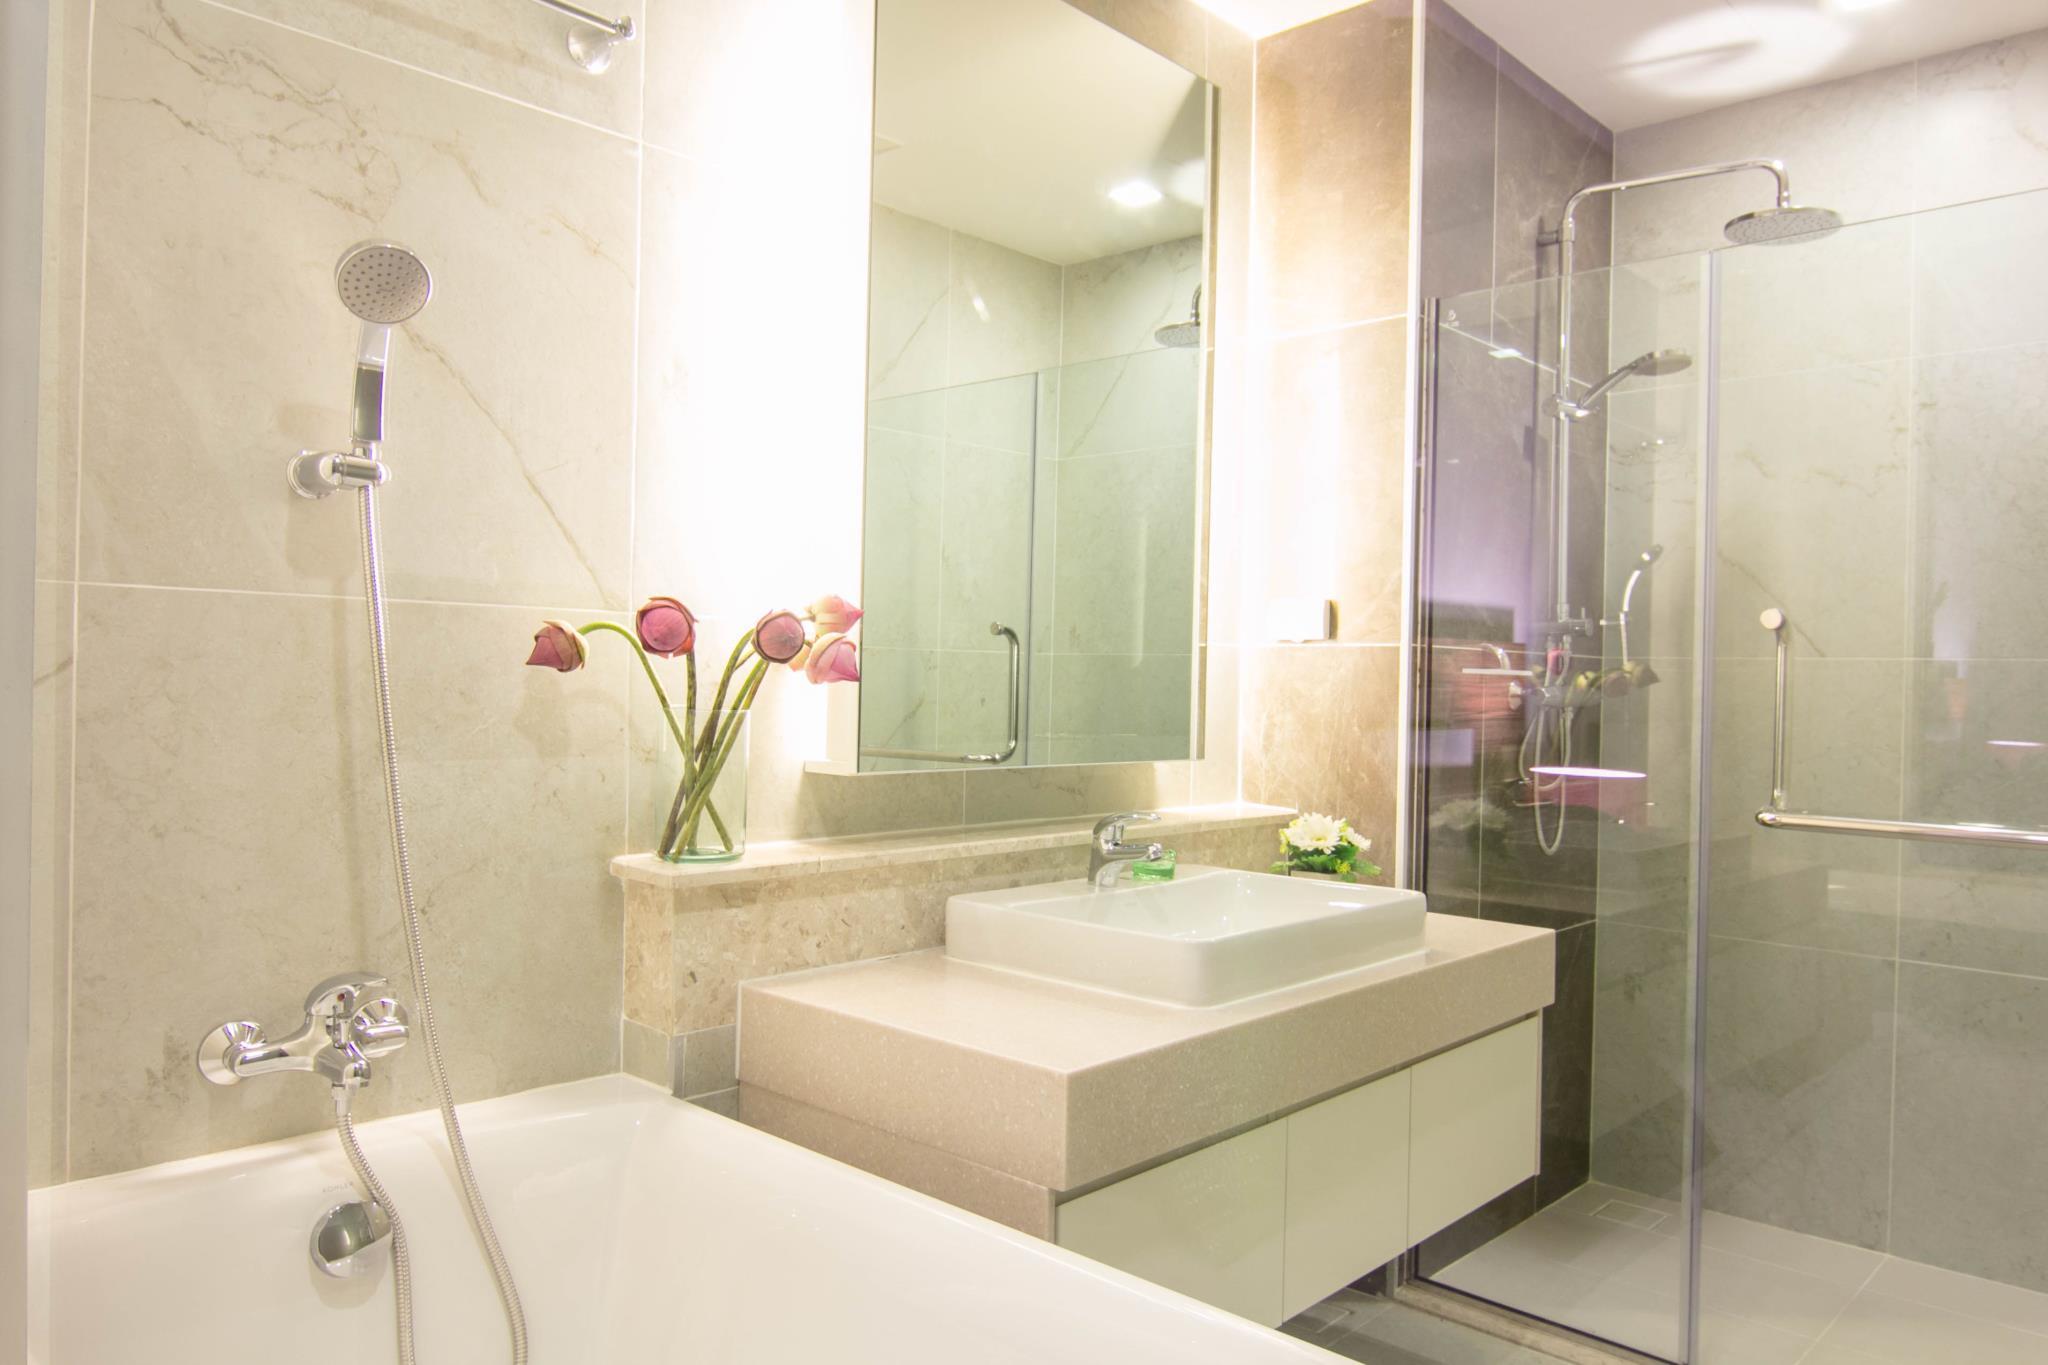 ,อพาร์ตเมนต์ 1 ห้องนอน 1 ห้องน้ำส่วนตัว ขนาด 45 ตร.ม. – ช้างคลาน